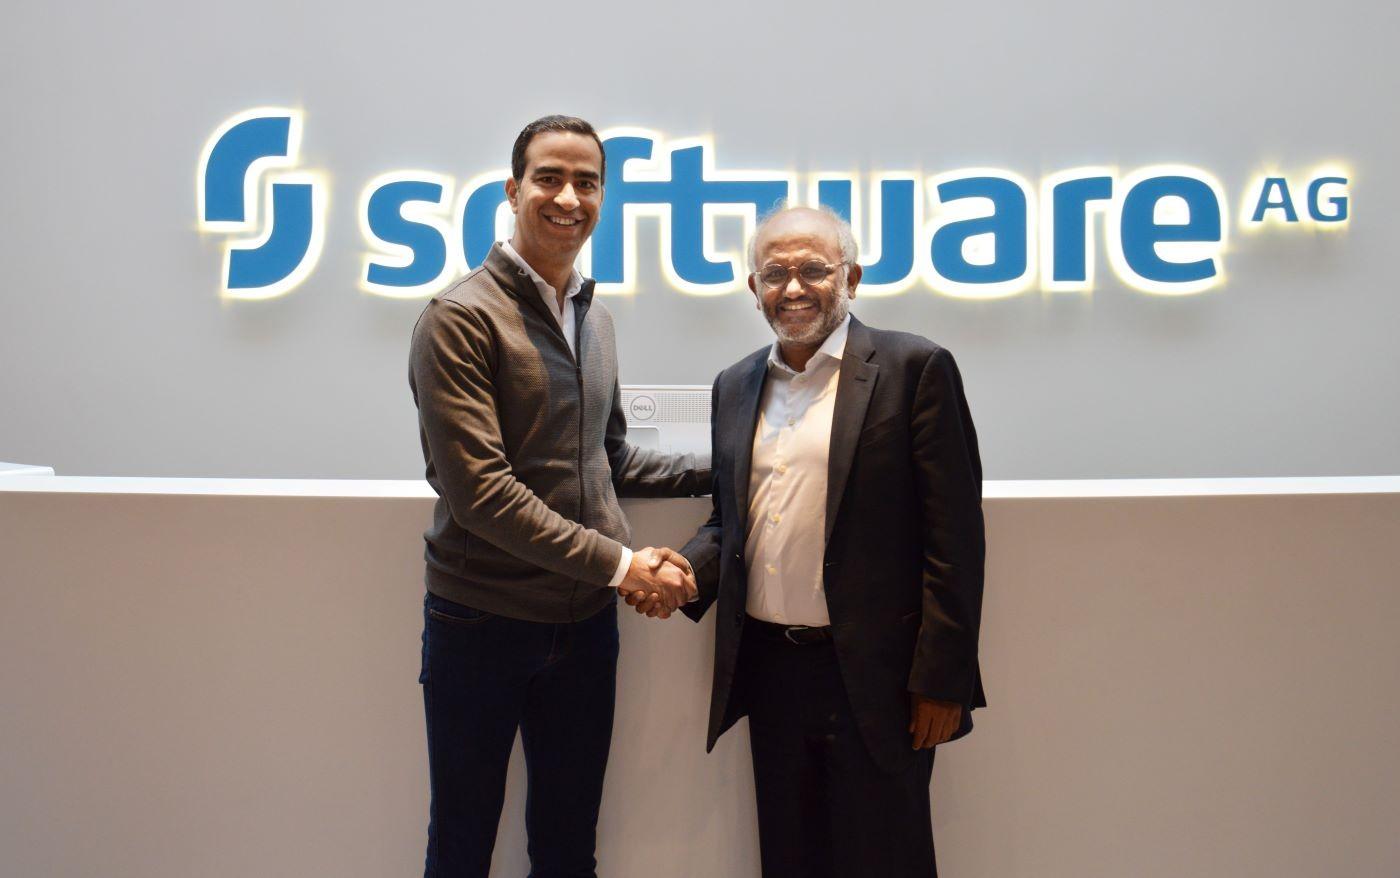 어도비와 소프트웨어AG가 고객 경험 관리를 혁신하기 위해 파트너십을 맺었다. 사진제공=소프트웨어AG